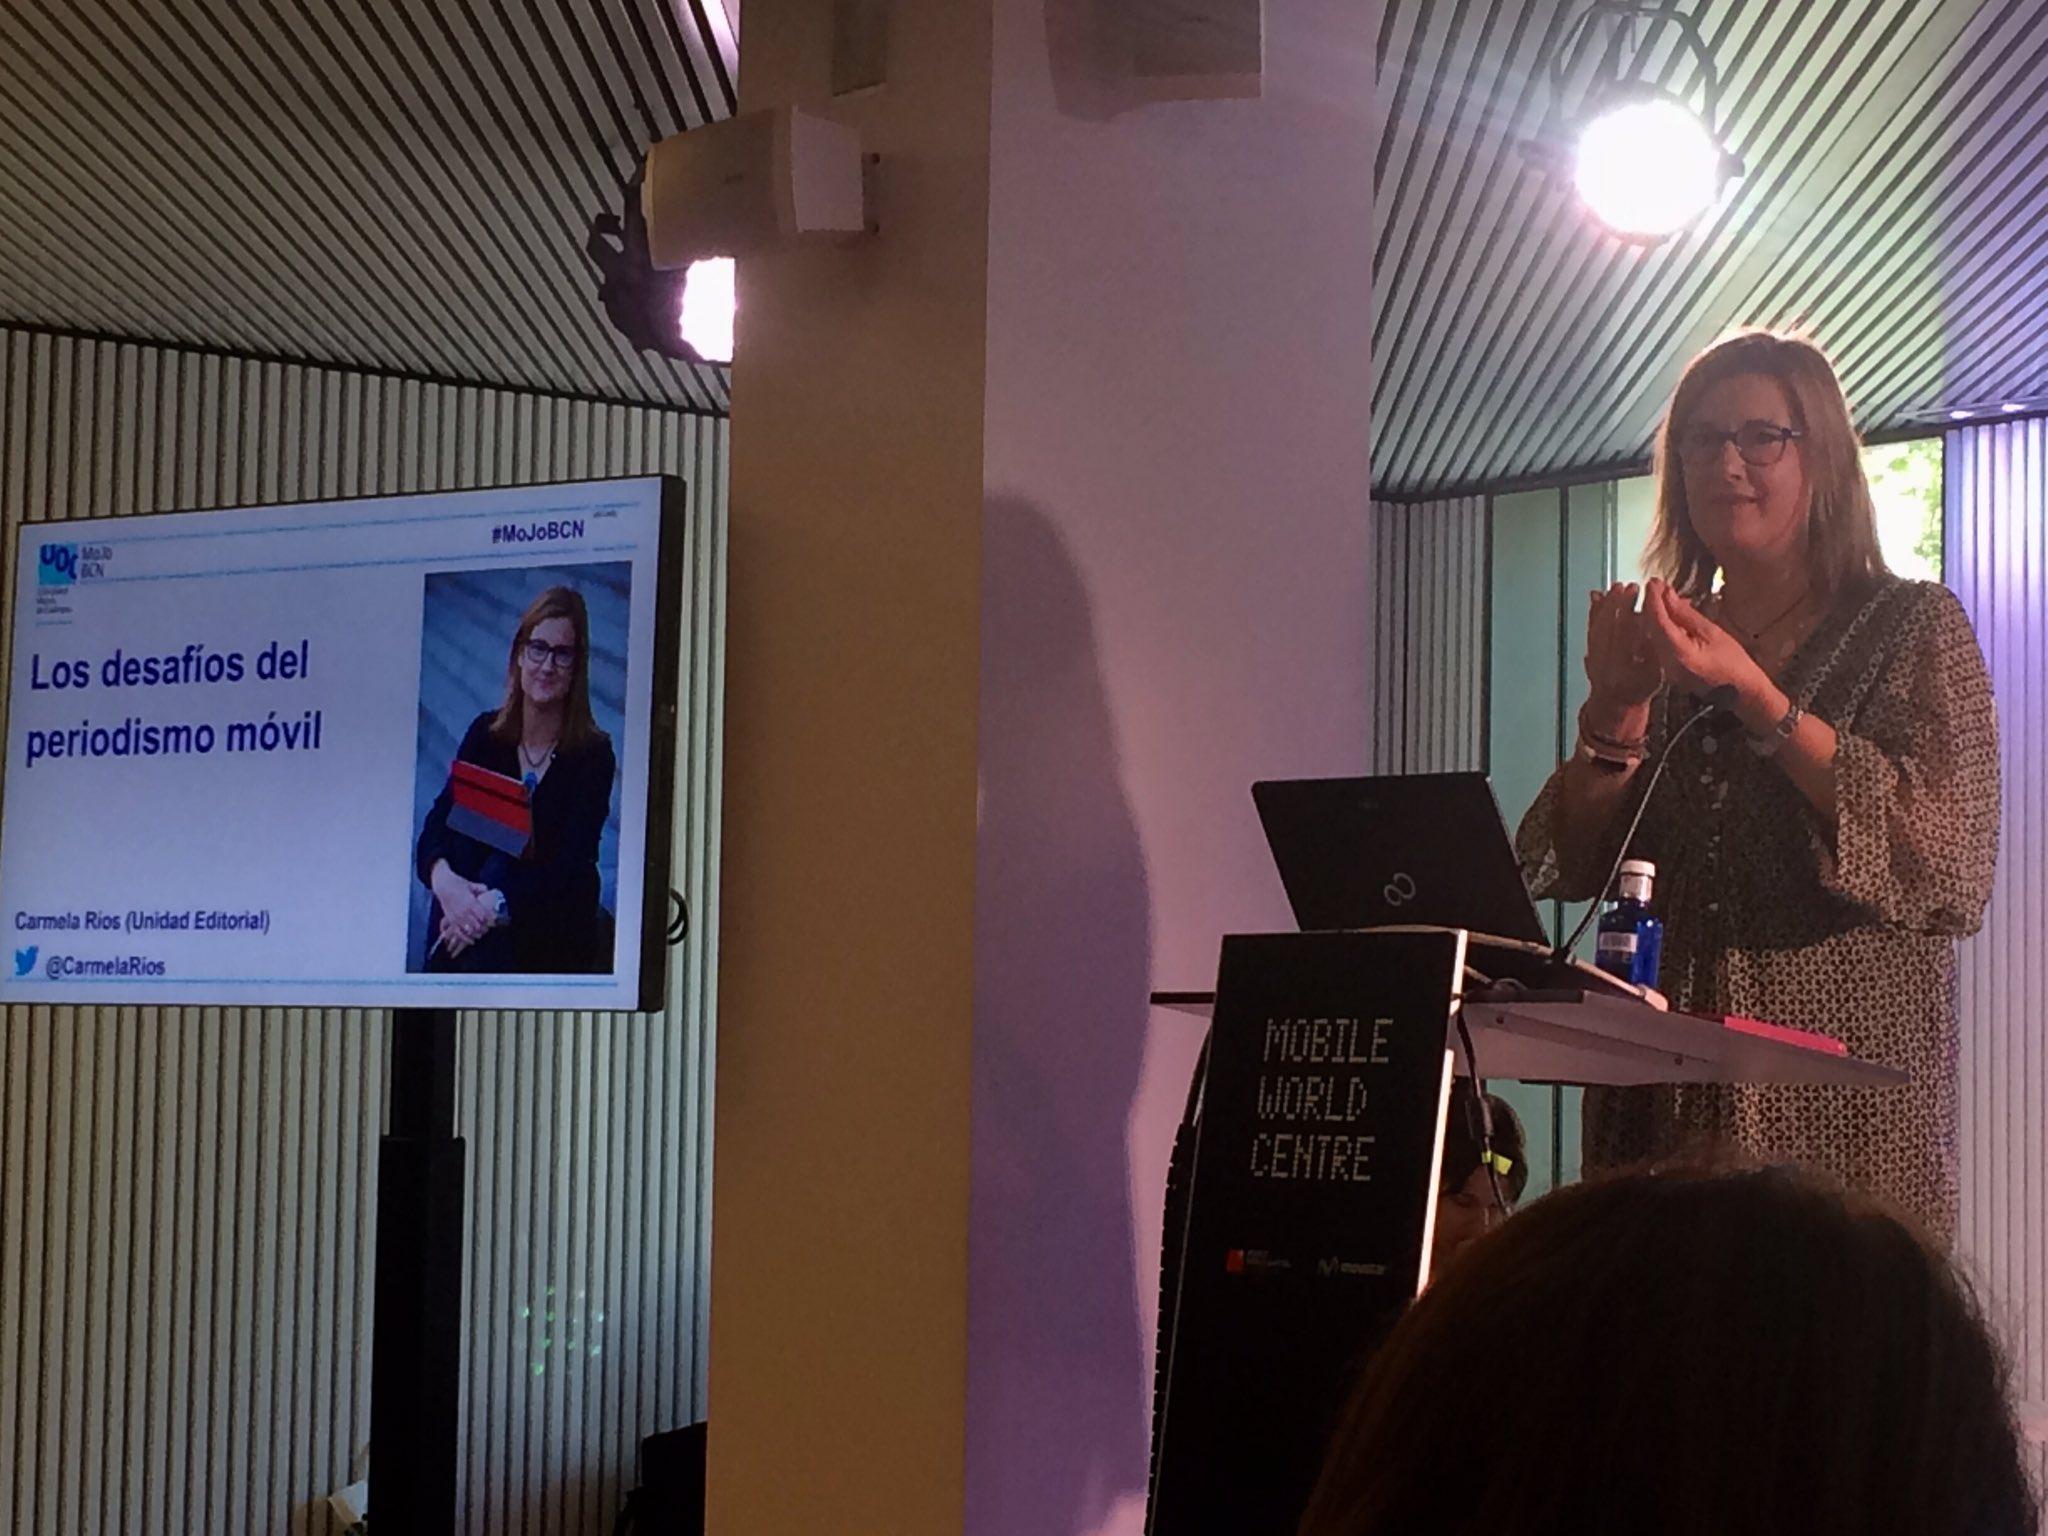 """""""El mòbil em va permetre continuar amb el periodisme de tota la vida"""", explica @CarmelaRios a #MoJoBCN https://t.co/qwdHPwAGIp"""